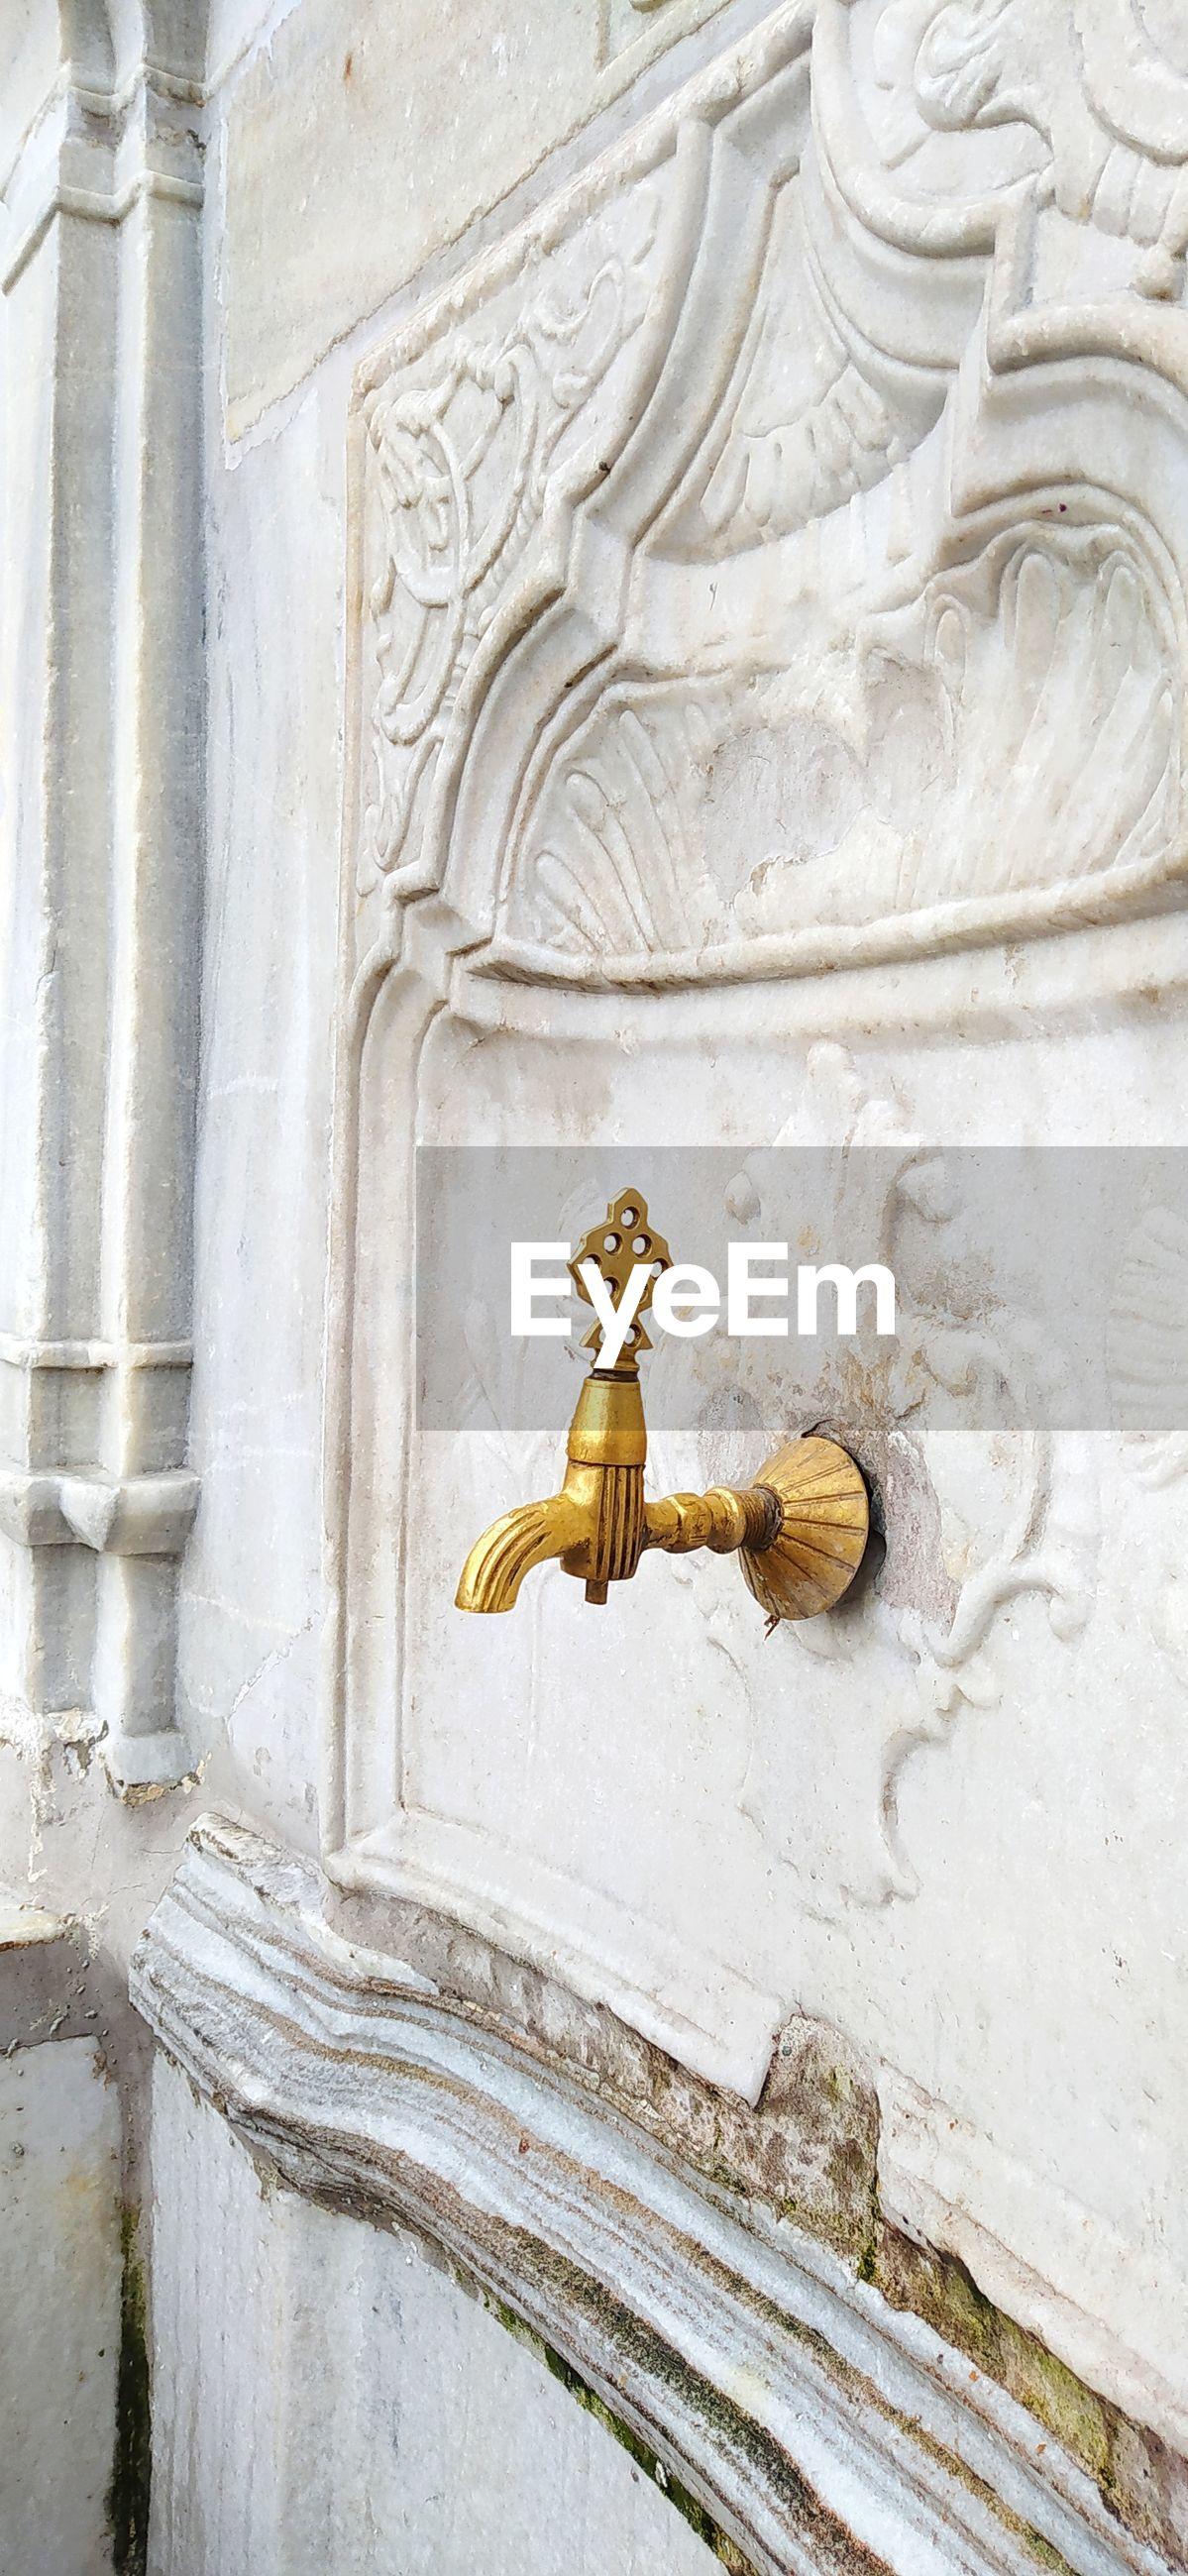 Ottoman turkish style white marble fountain